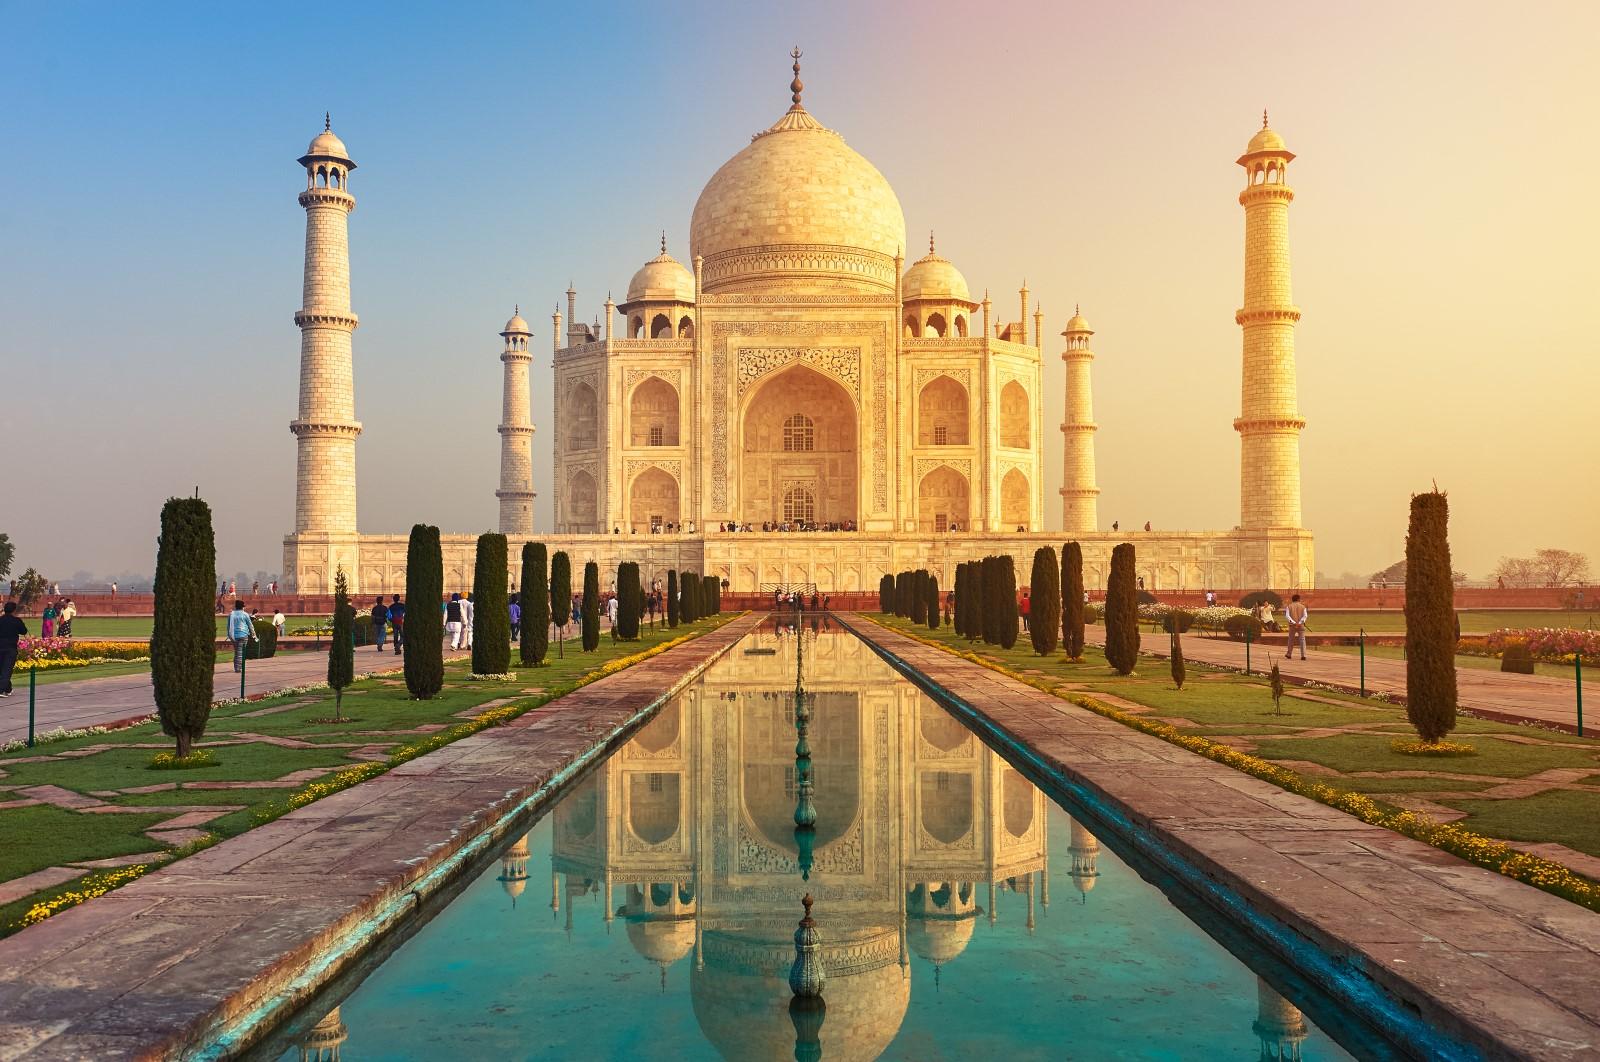 Nejlepší indické akcie a etf